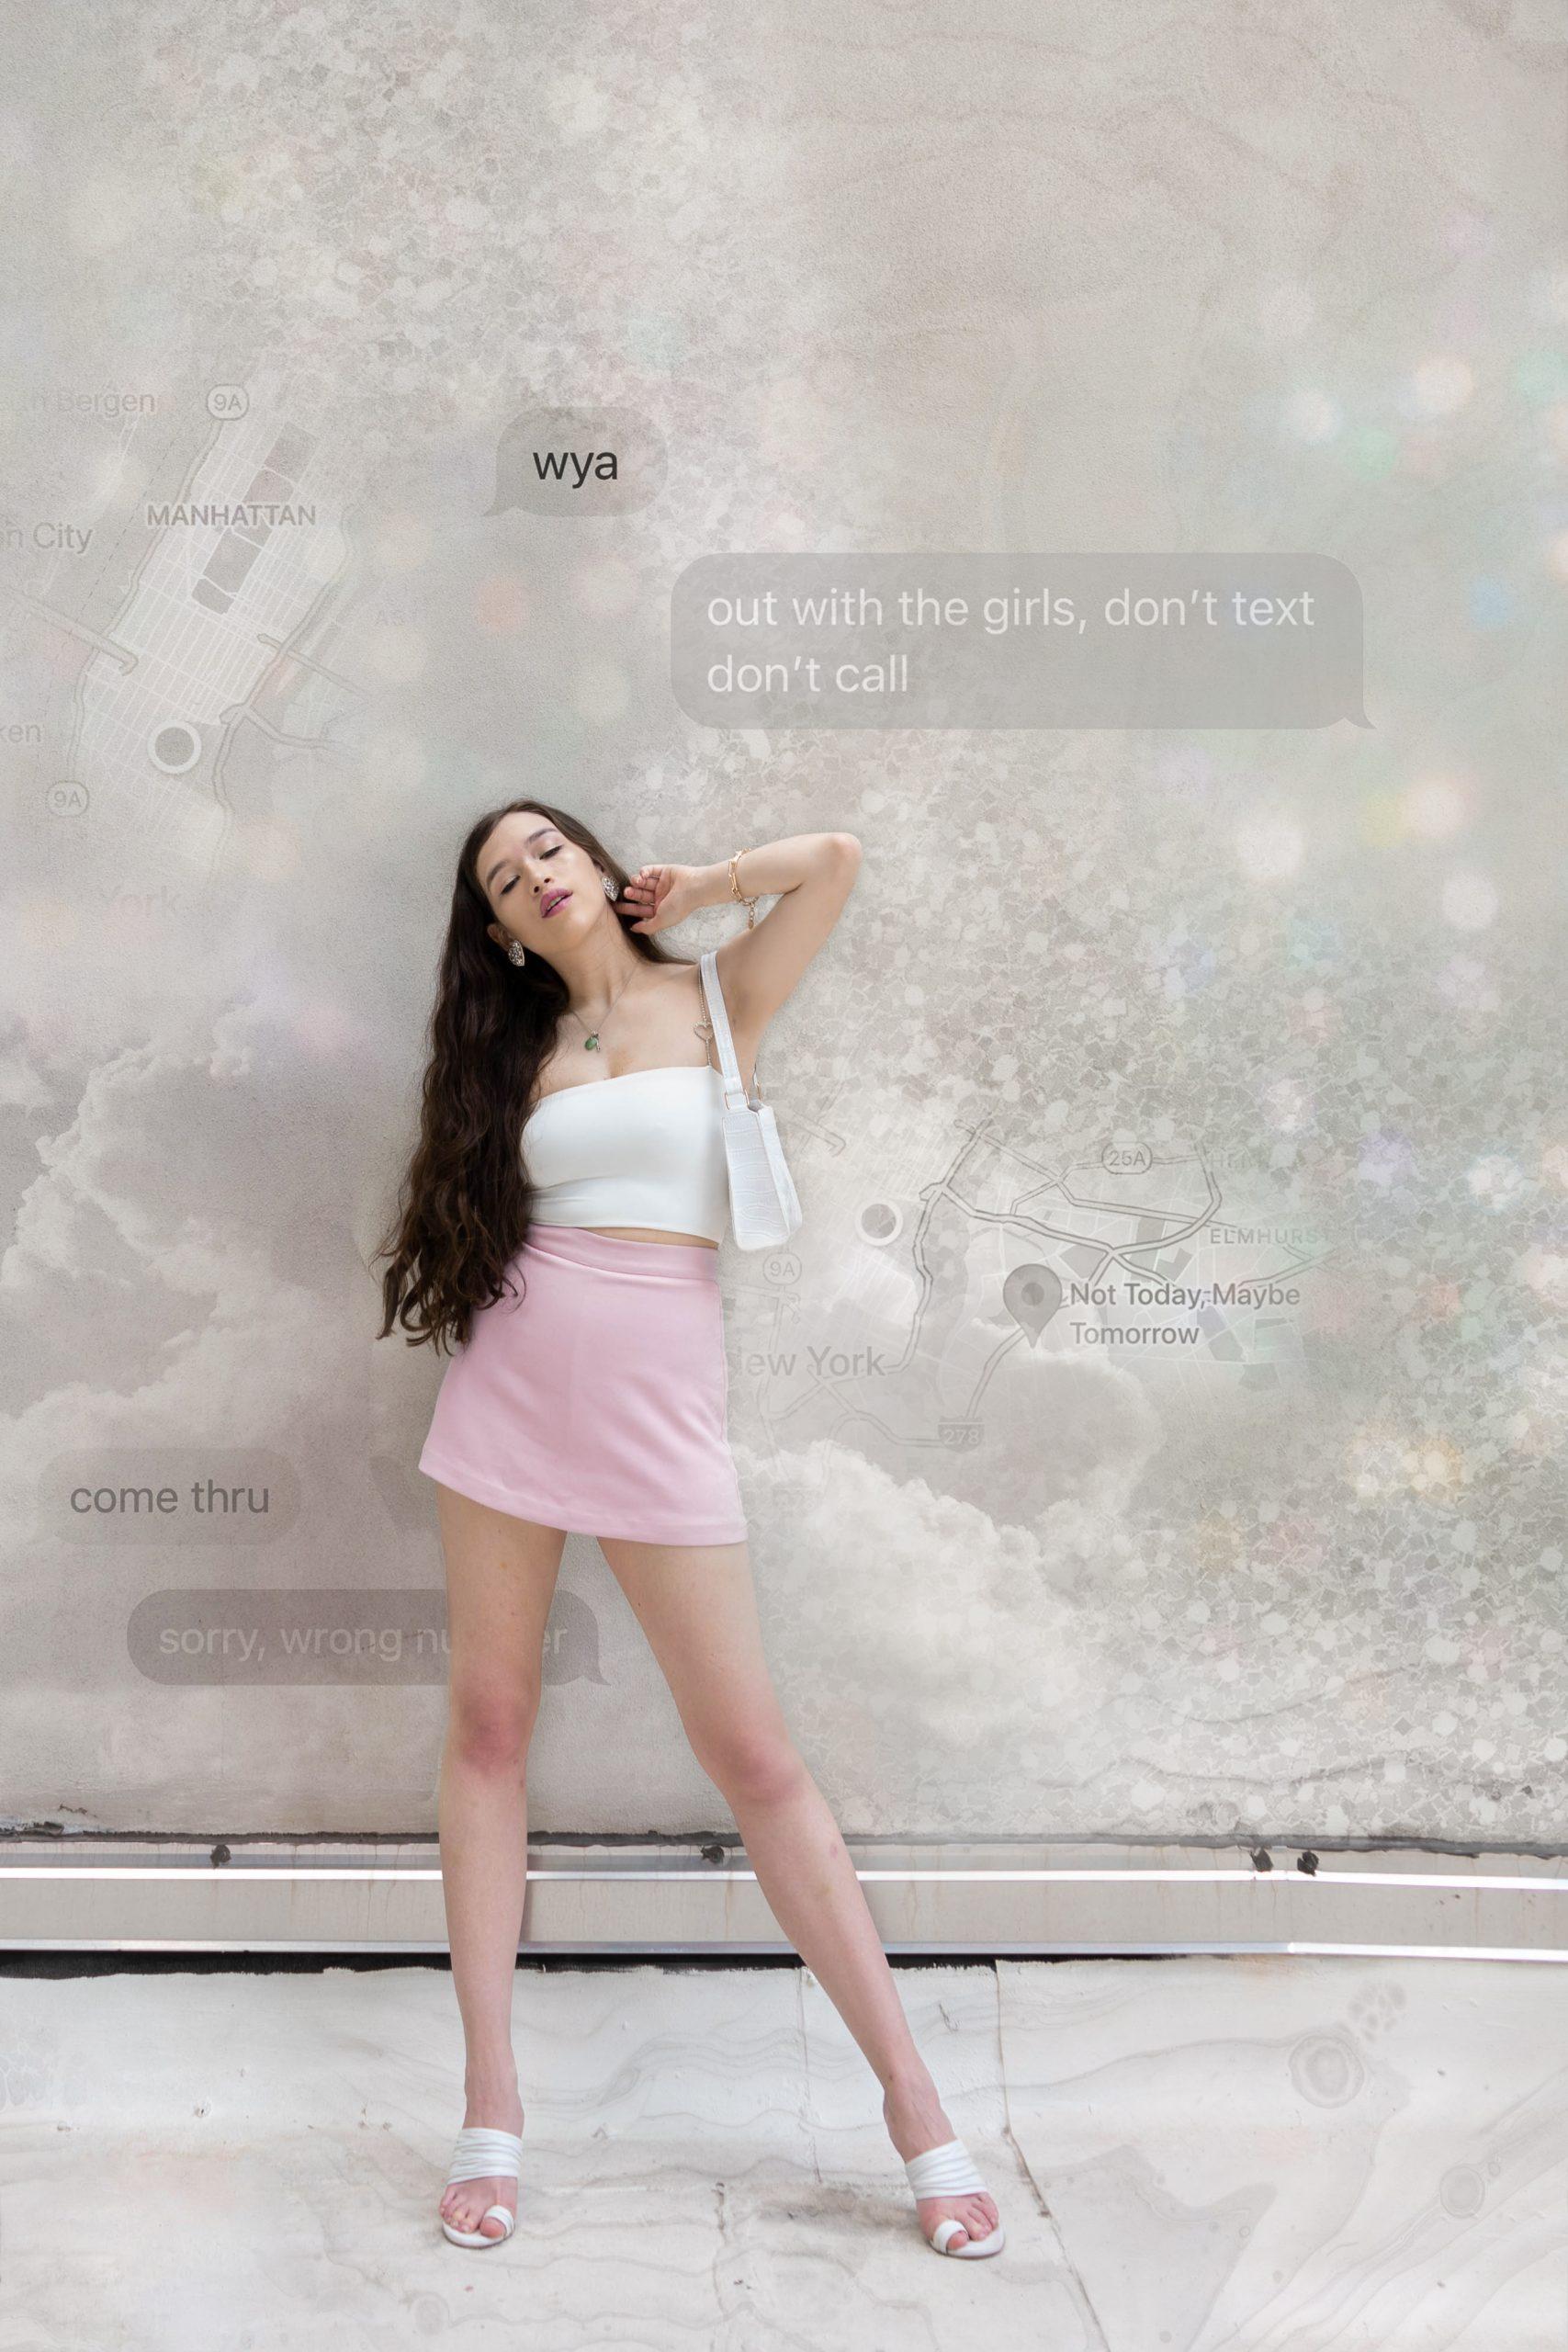 revolve nbd pink ronan skort skirt summer ootd veronica beard white sandal don't text don't call imessage white glitter background maps new york city